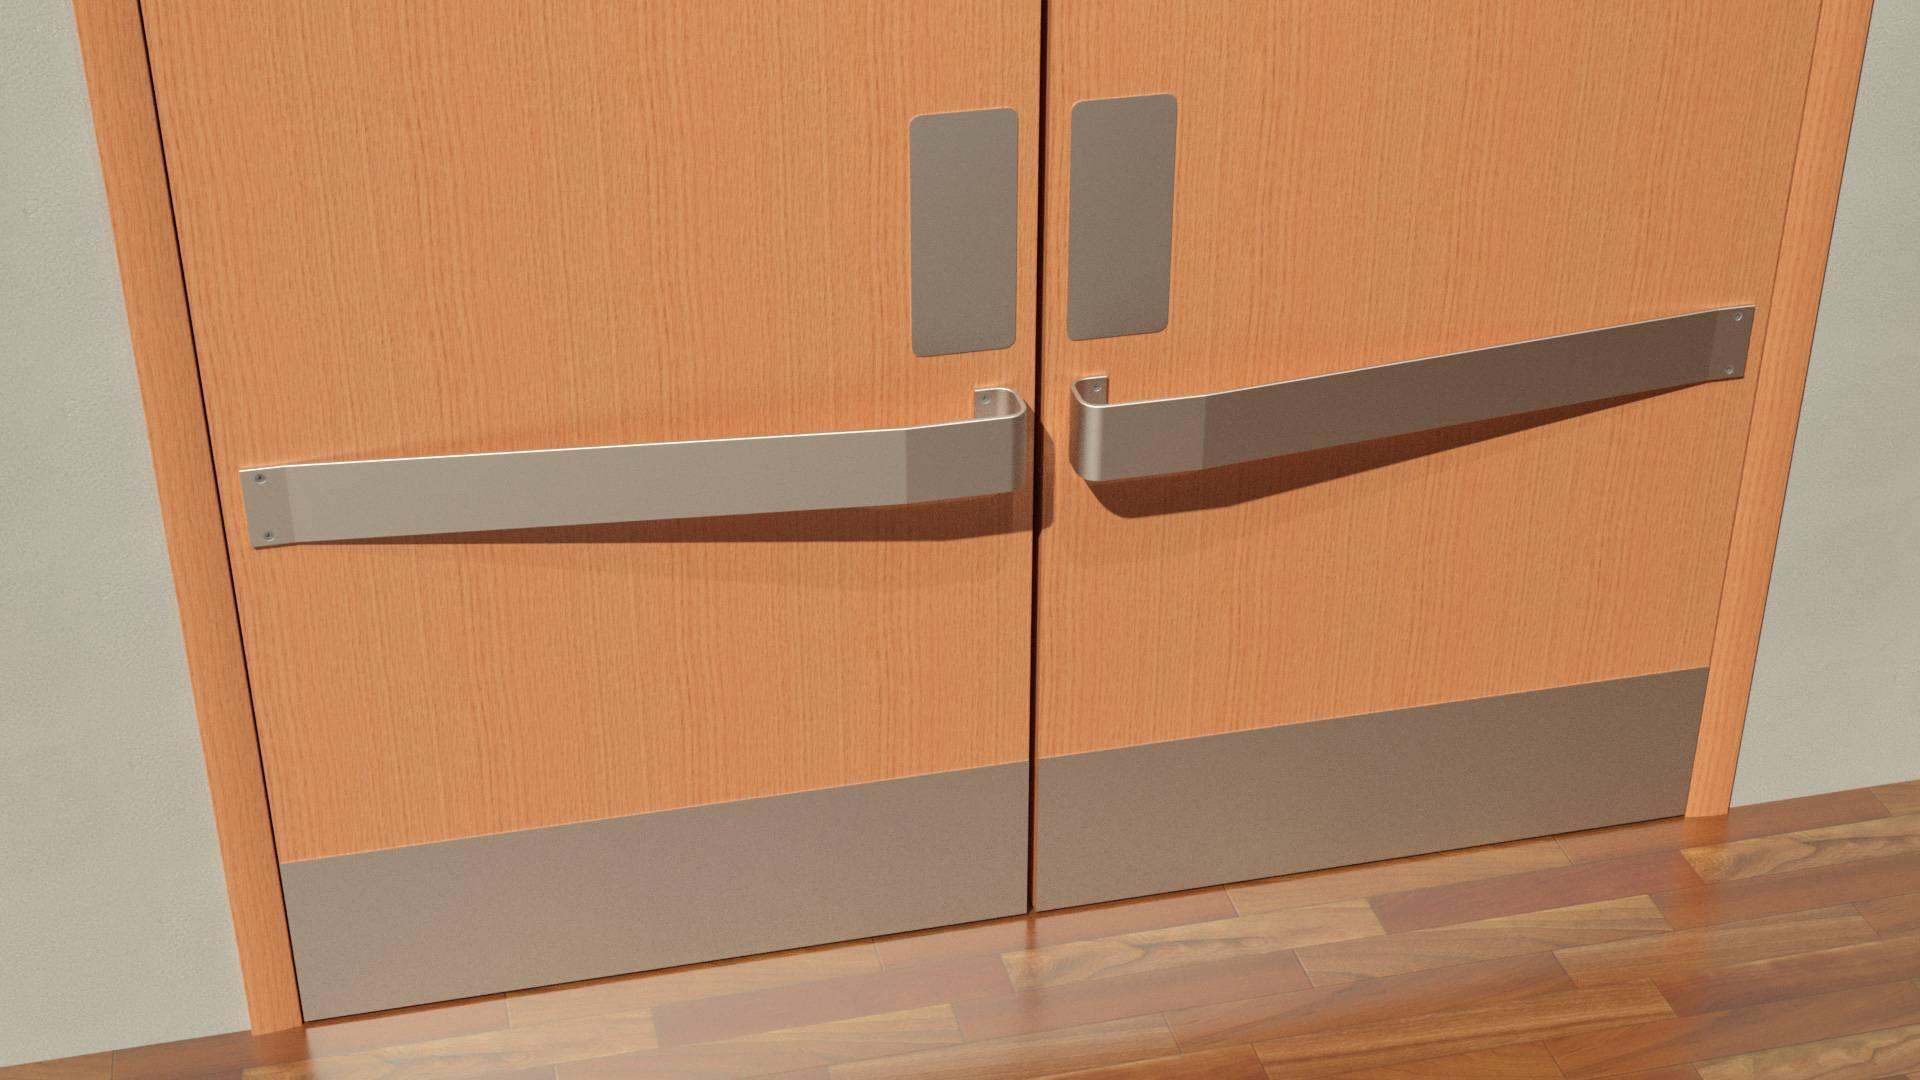 2181 Dp Stainless Steel Door Protection